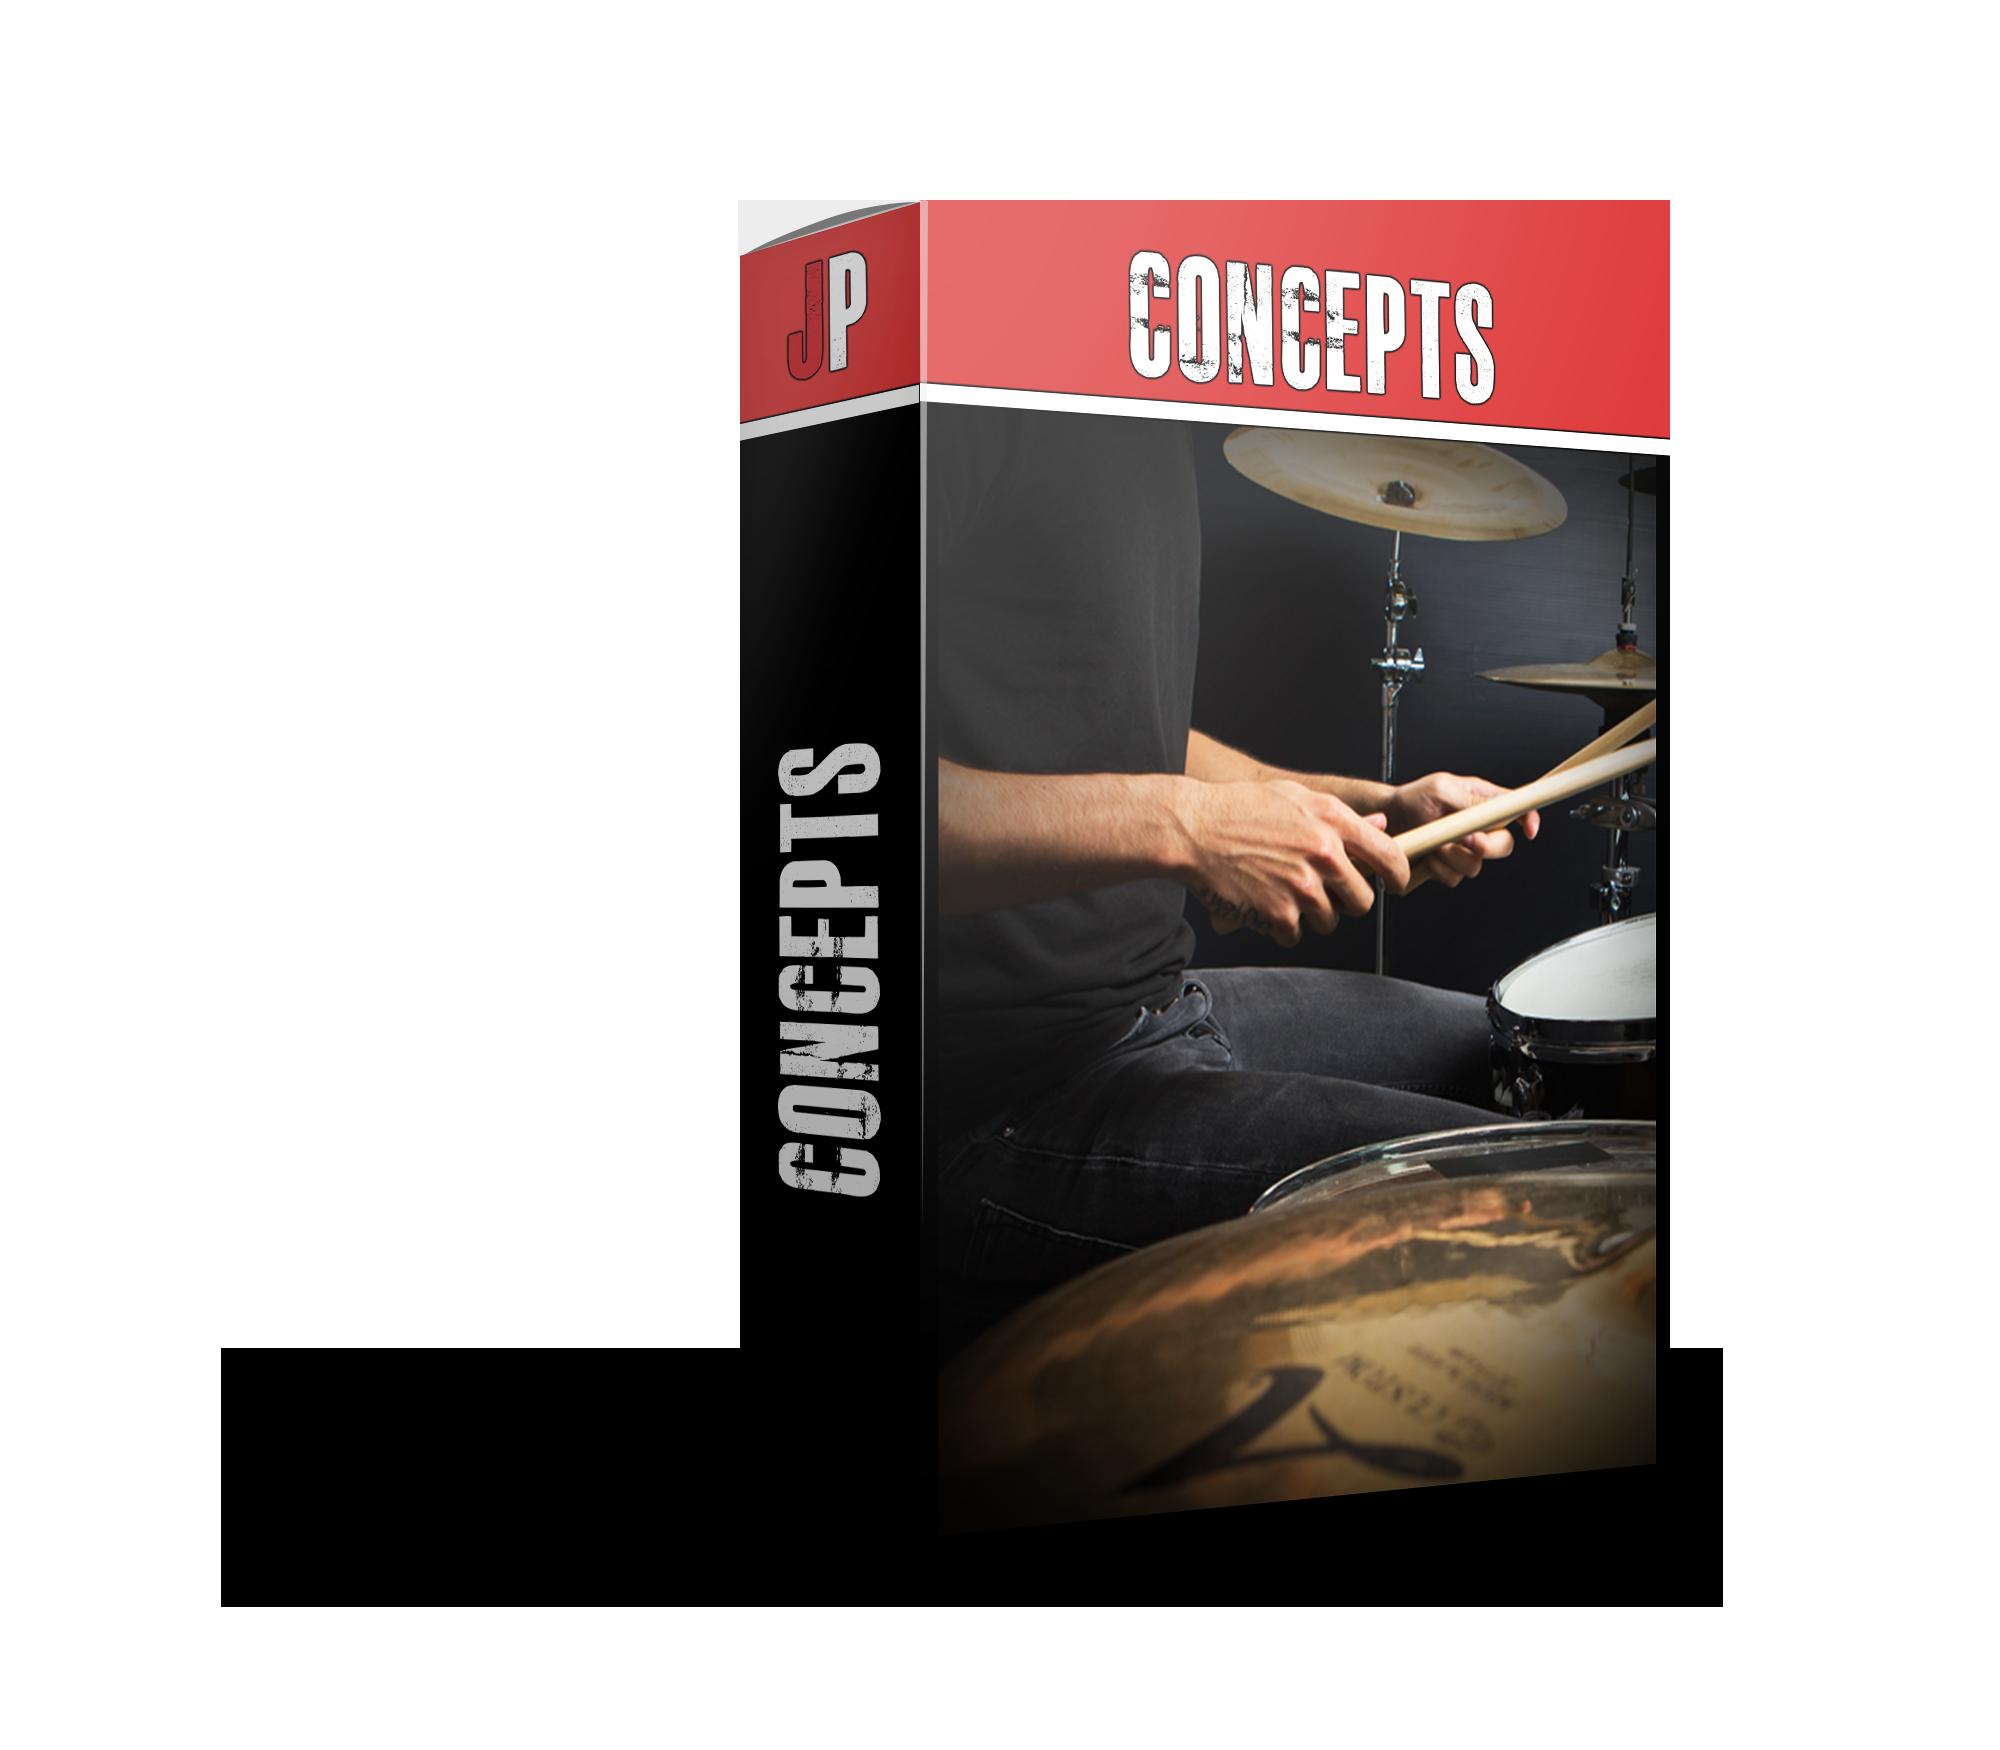 Concepts course image